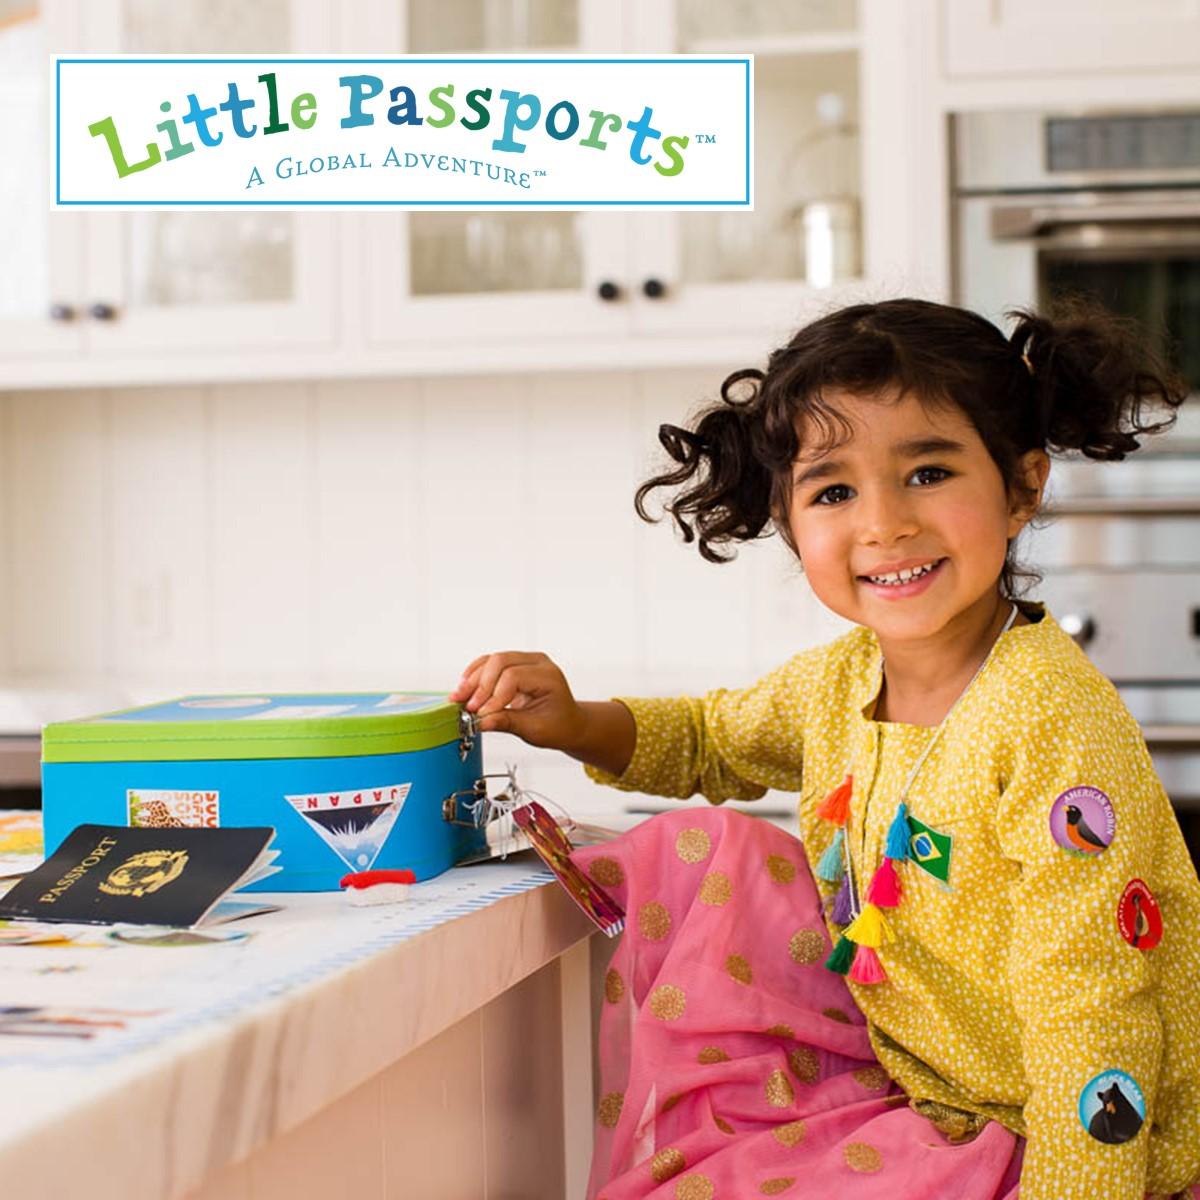 Little Passports - A Global Adventure